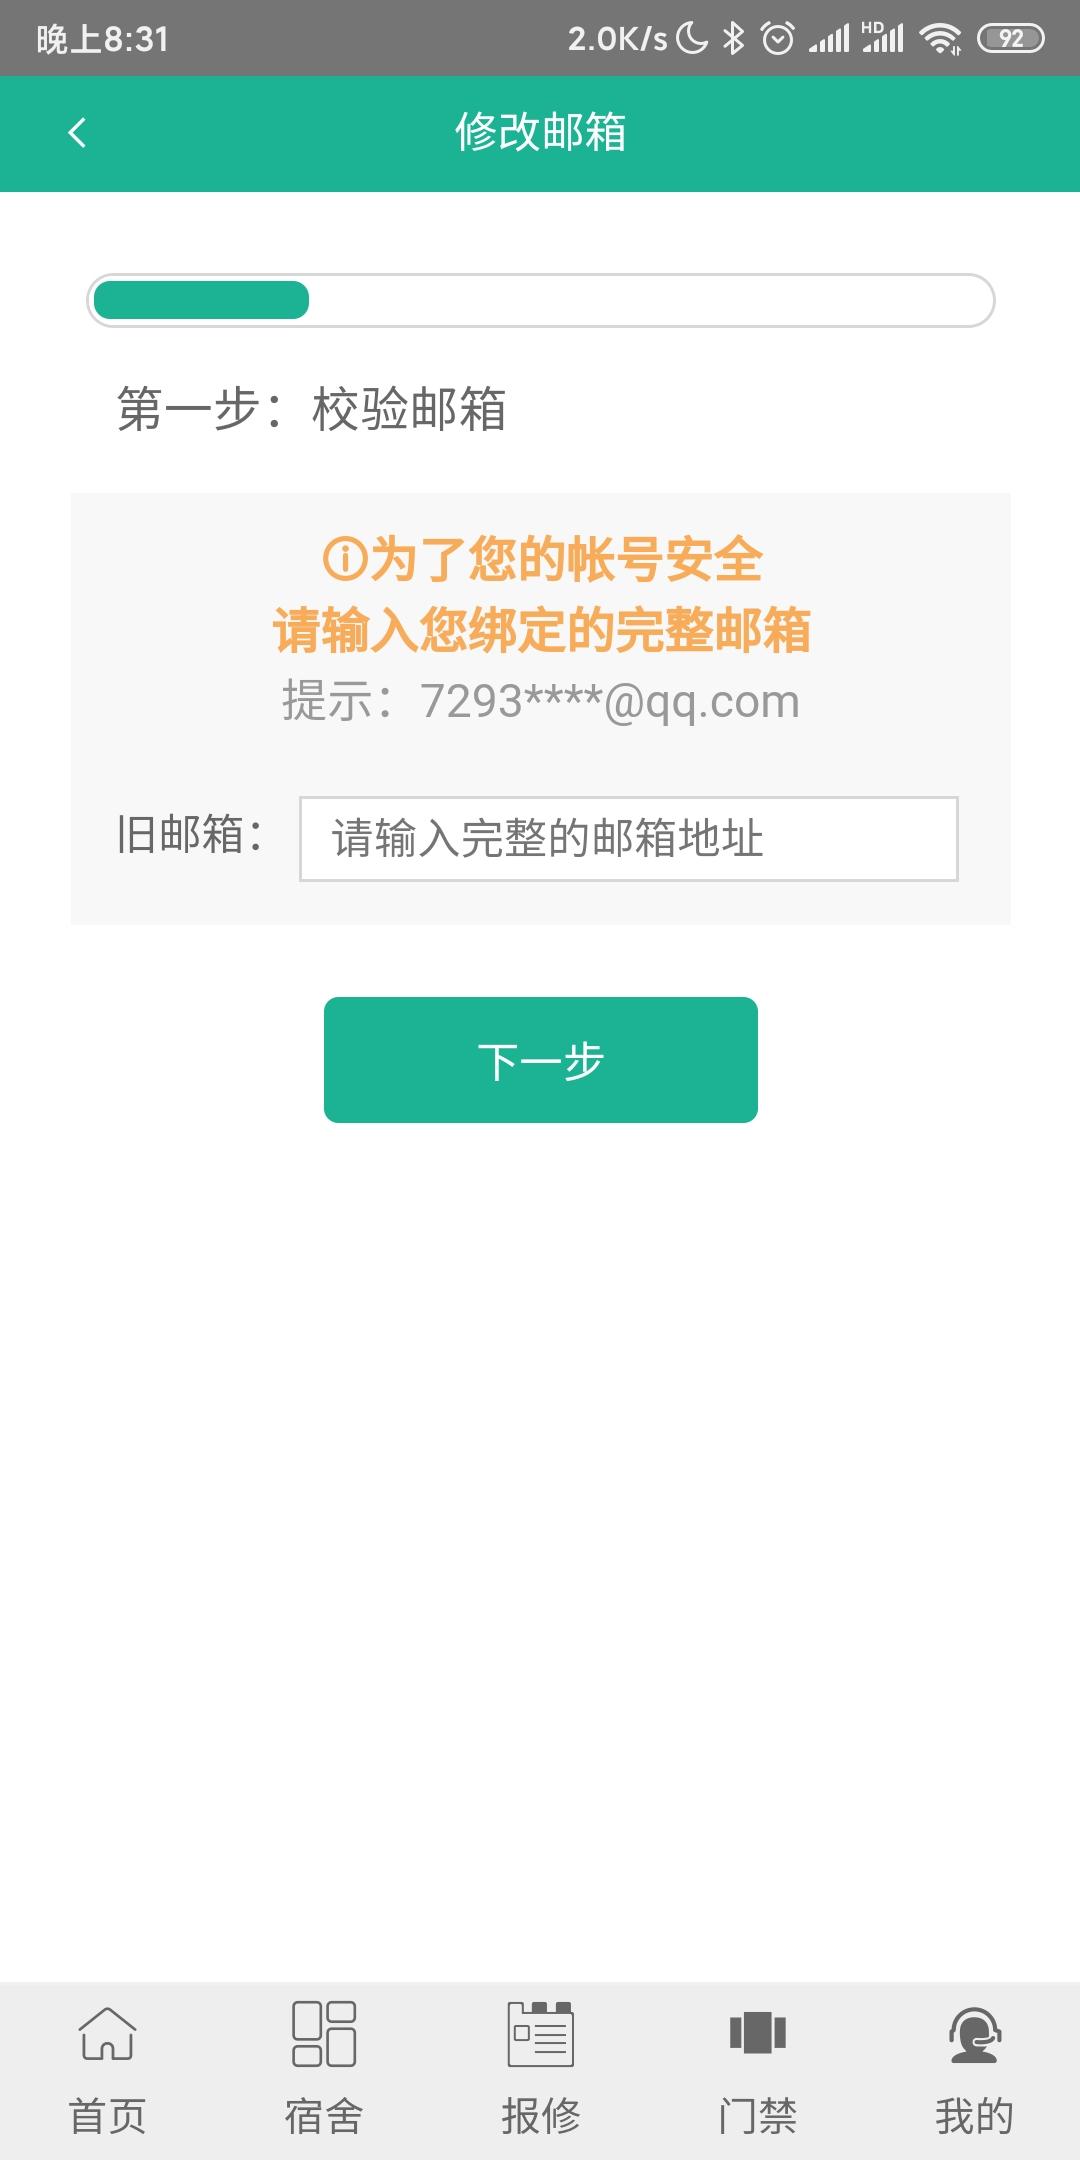 Screenshot_2020-04-29-20-31-01-869_io.dcloud.HBui.jpg